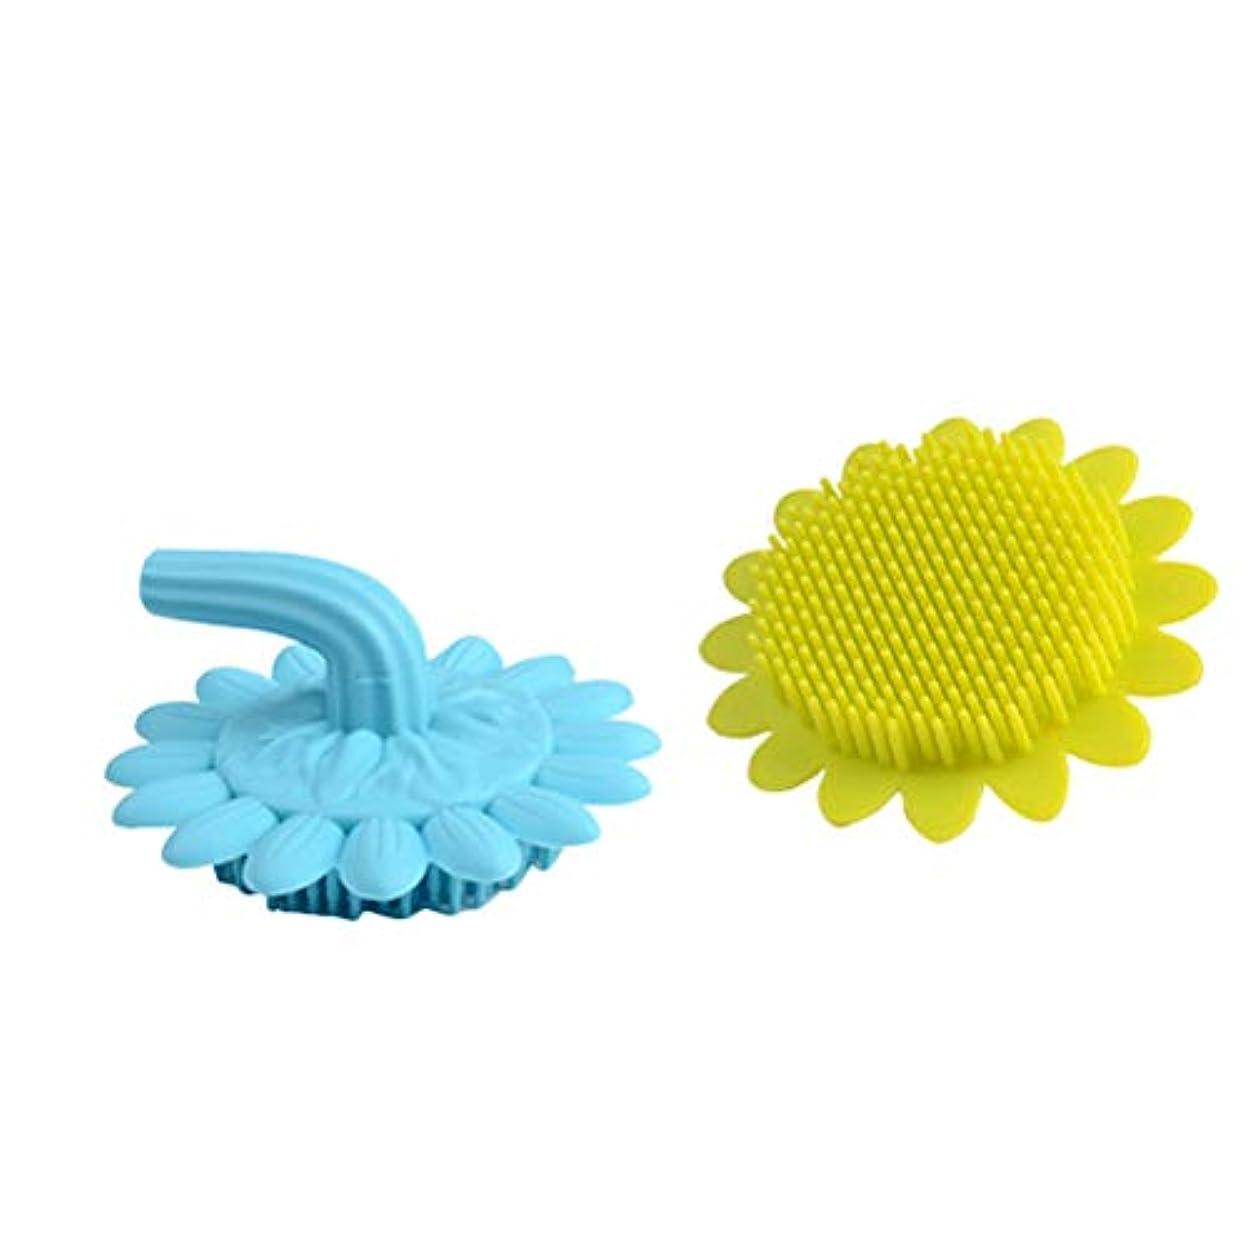 収束ミケランジェロしみBeaupretty 2本の赤ちゃん風呂ブラシシリコーンボディブラシ頭皮マッサージブラシ赤ちゃんのためのシャンプーブラシ(グリーン+ブルー)